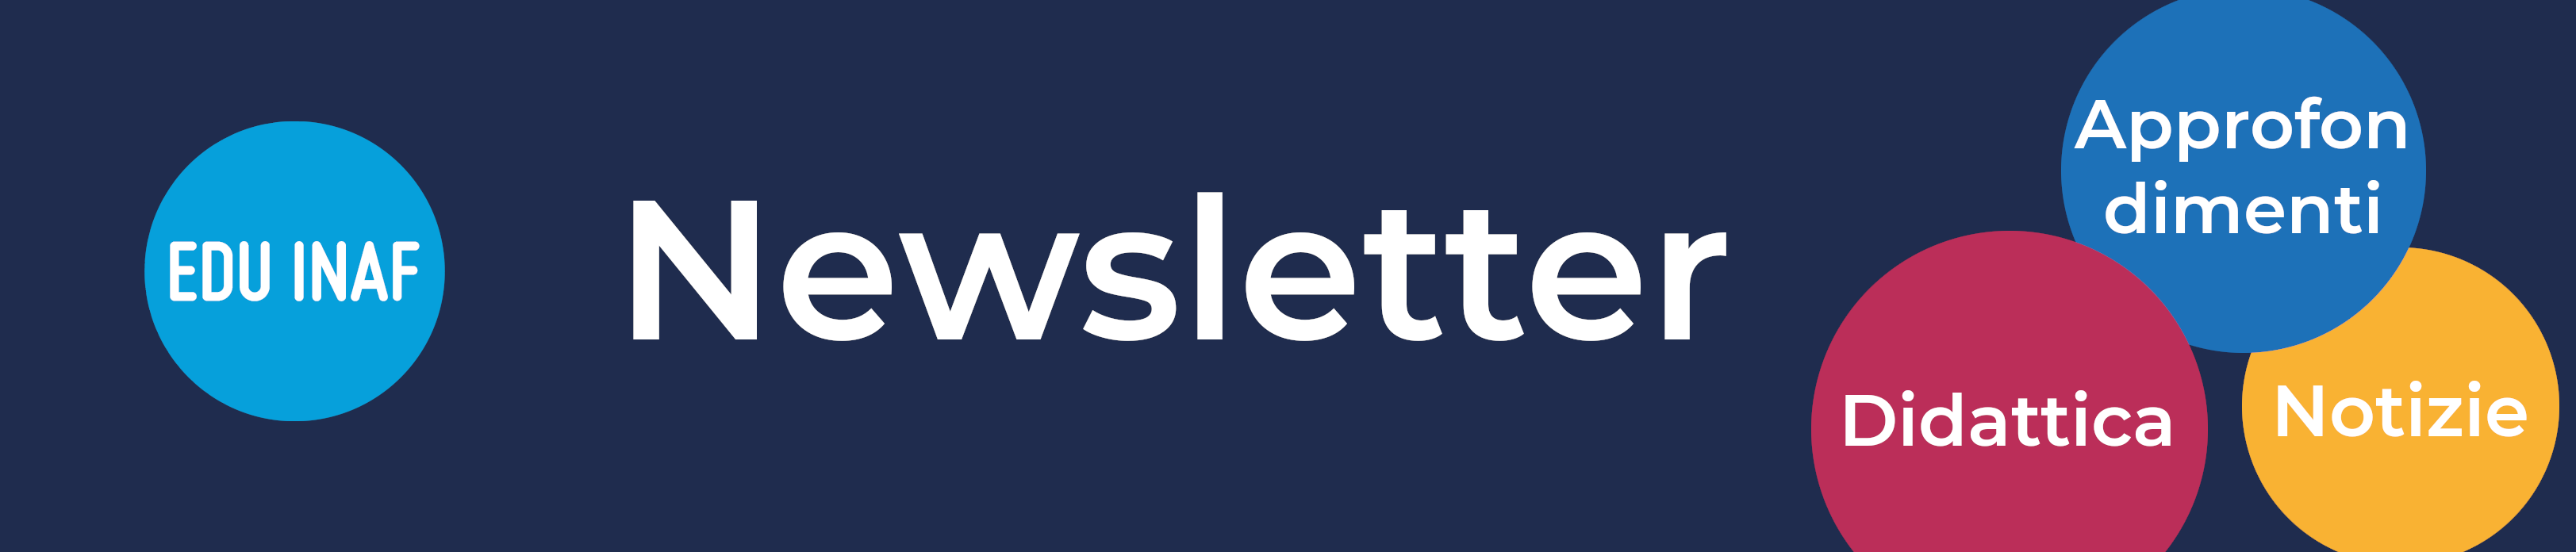 eduinaf_banner_newsletter